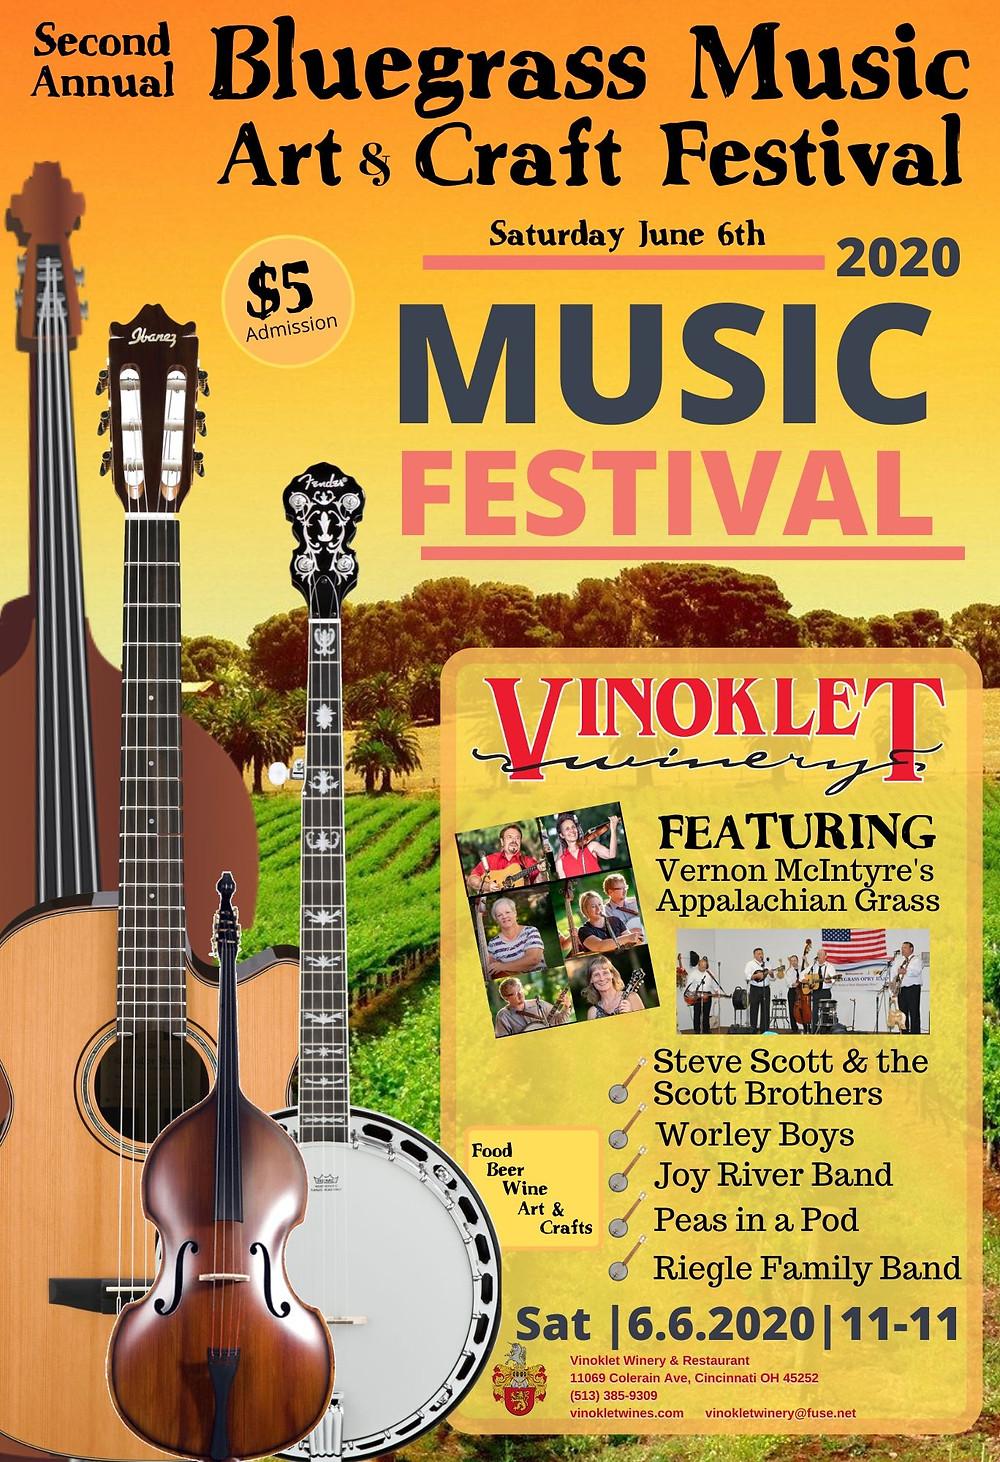 2nd Annual Bluegrass Music Art & Craft Festival